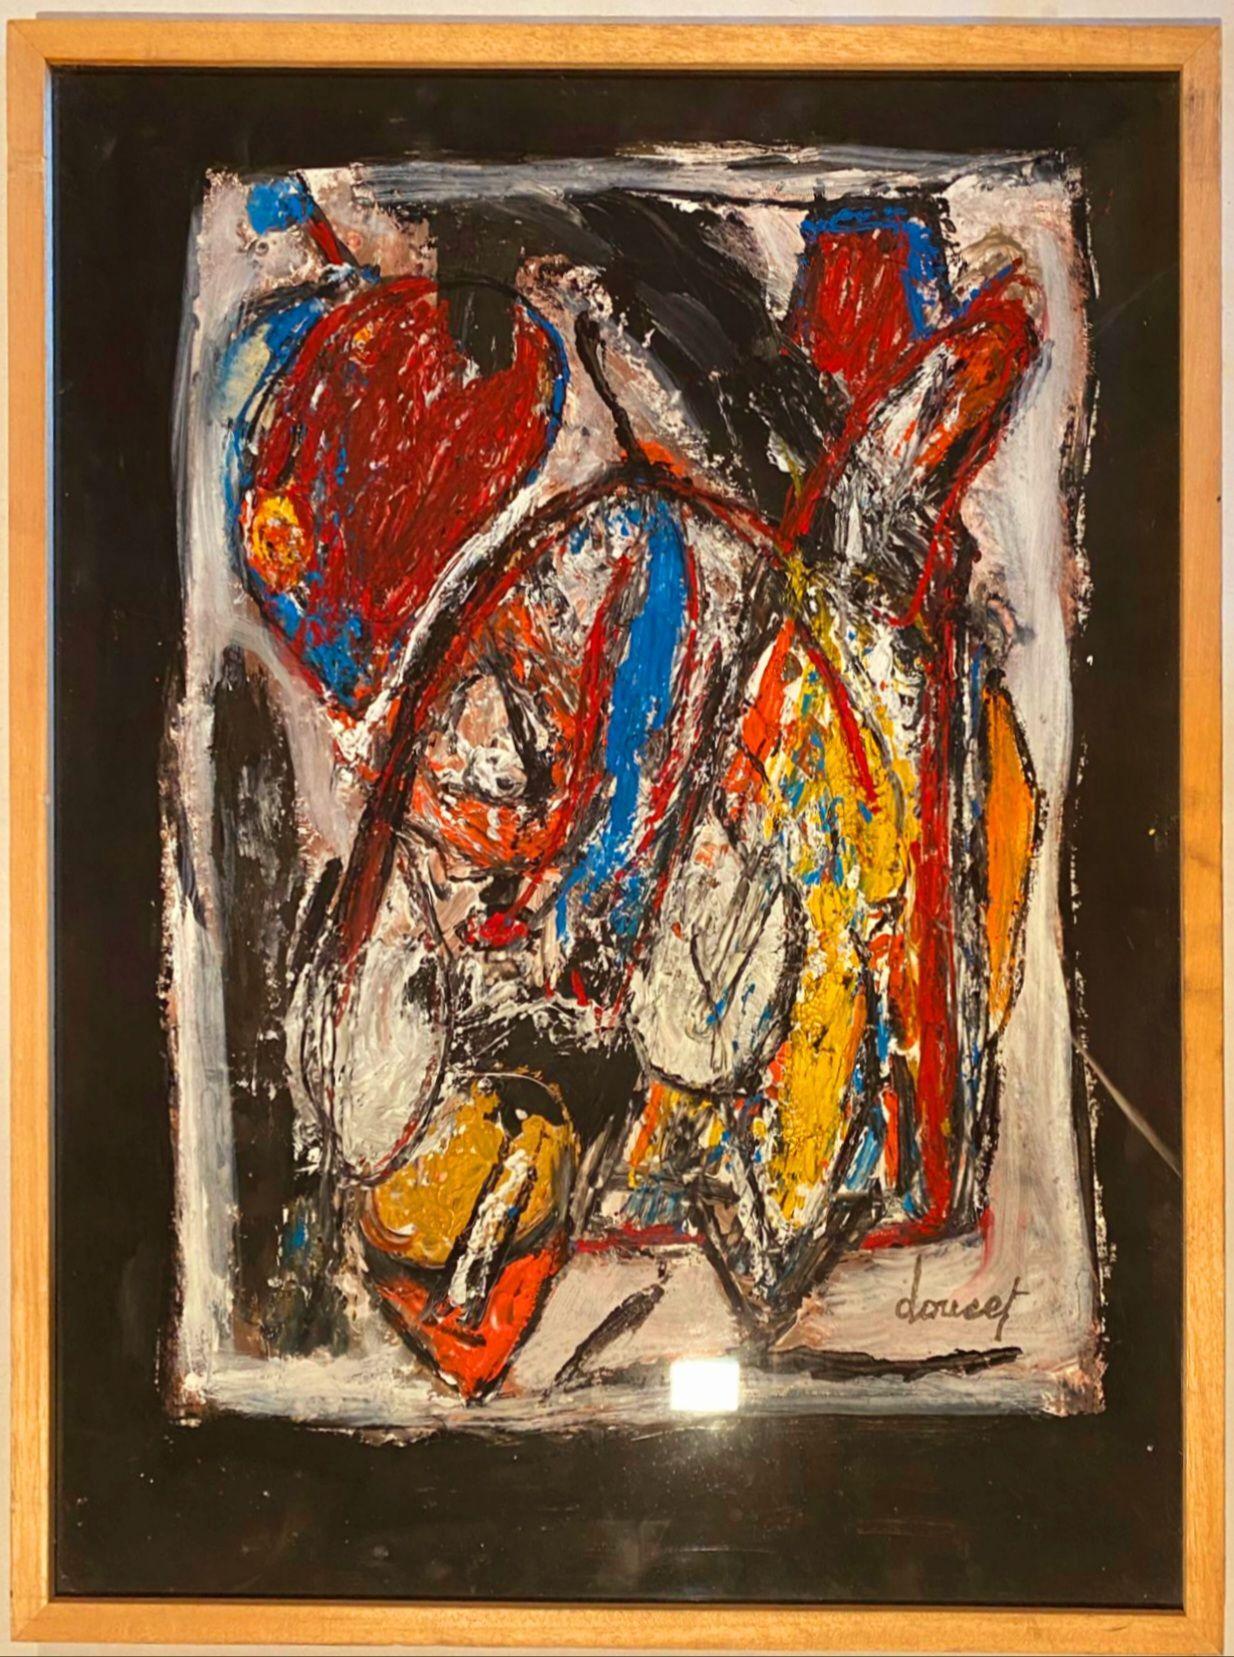 Jacques Doucet - Untitled